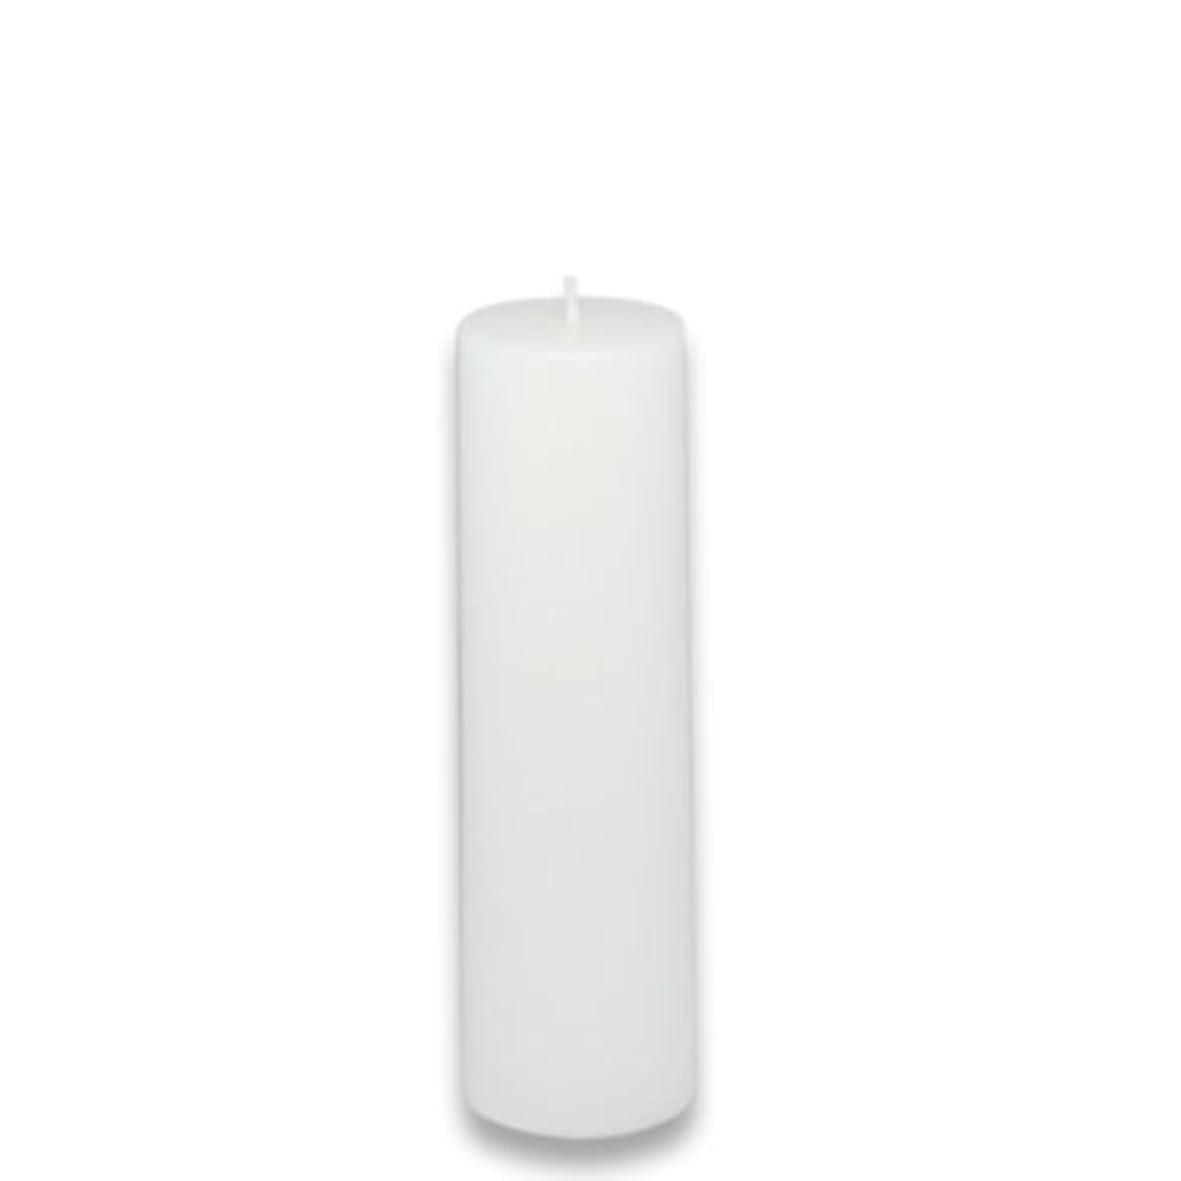 フラフープショップファセットZest Candle Pillar Candle, 2 by 6-Inch, White [並行輸入品]